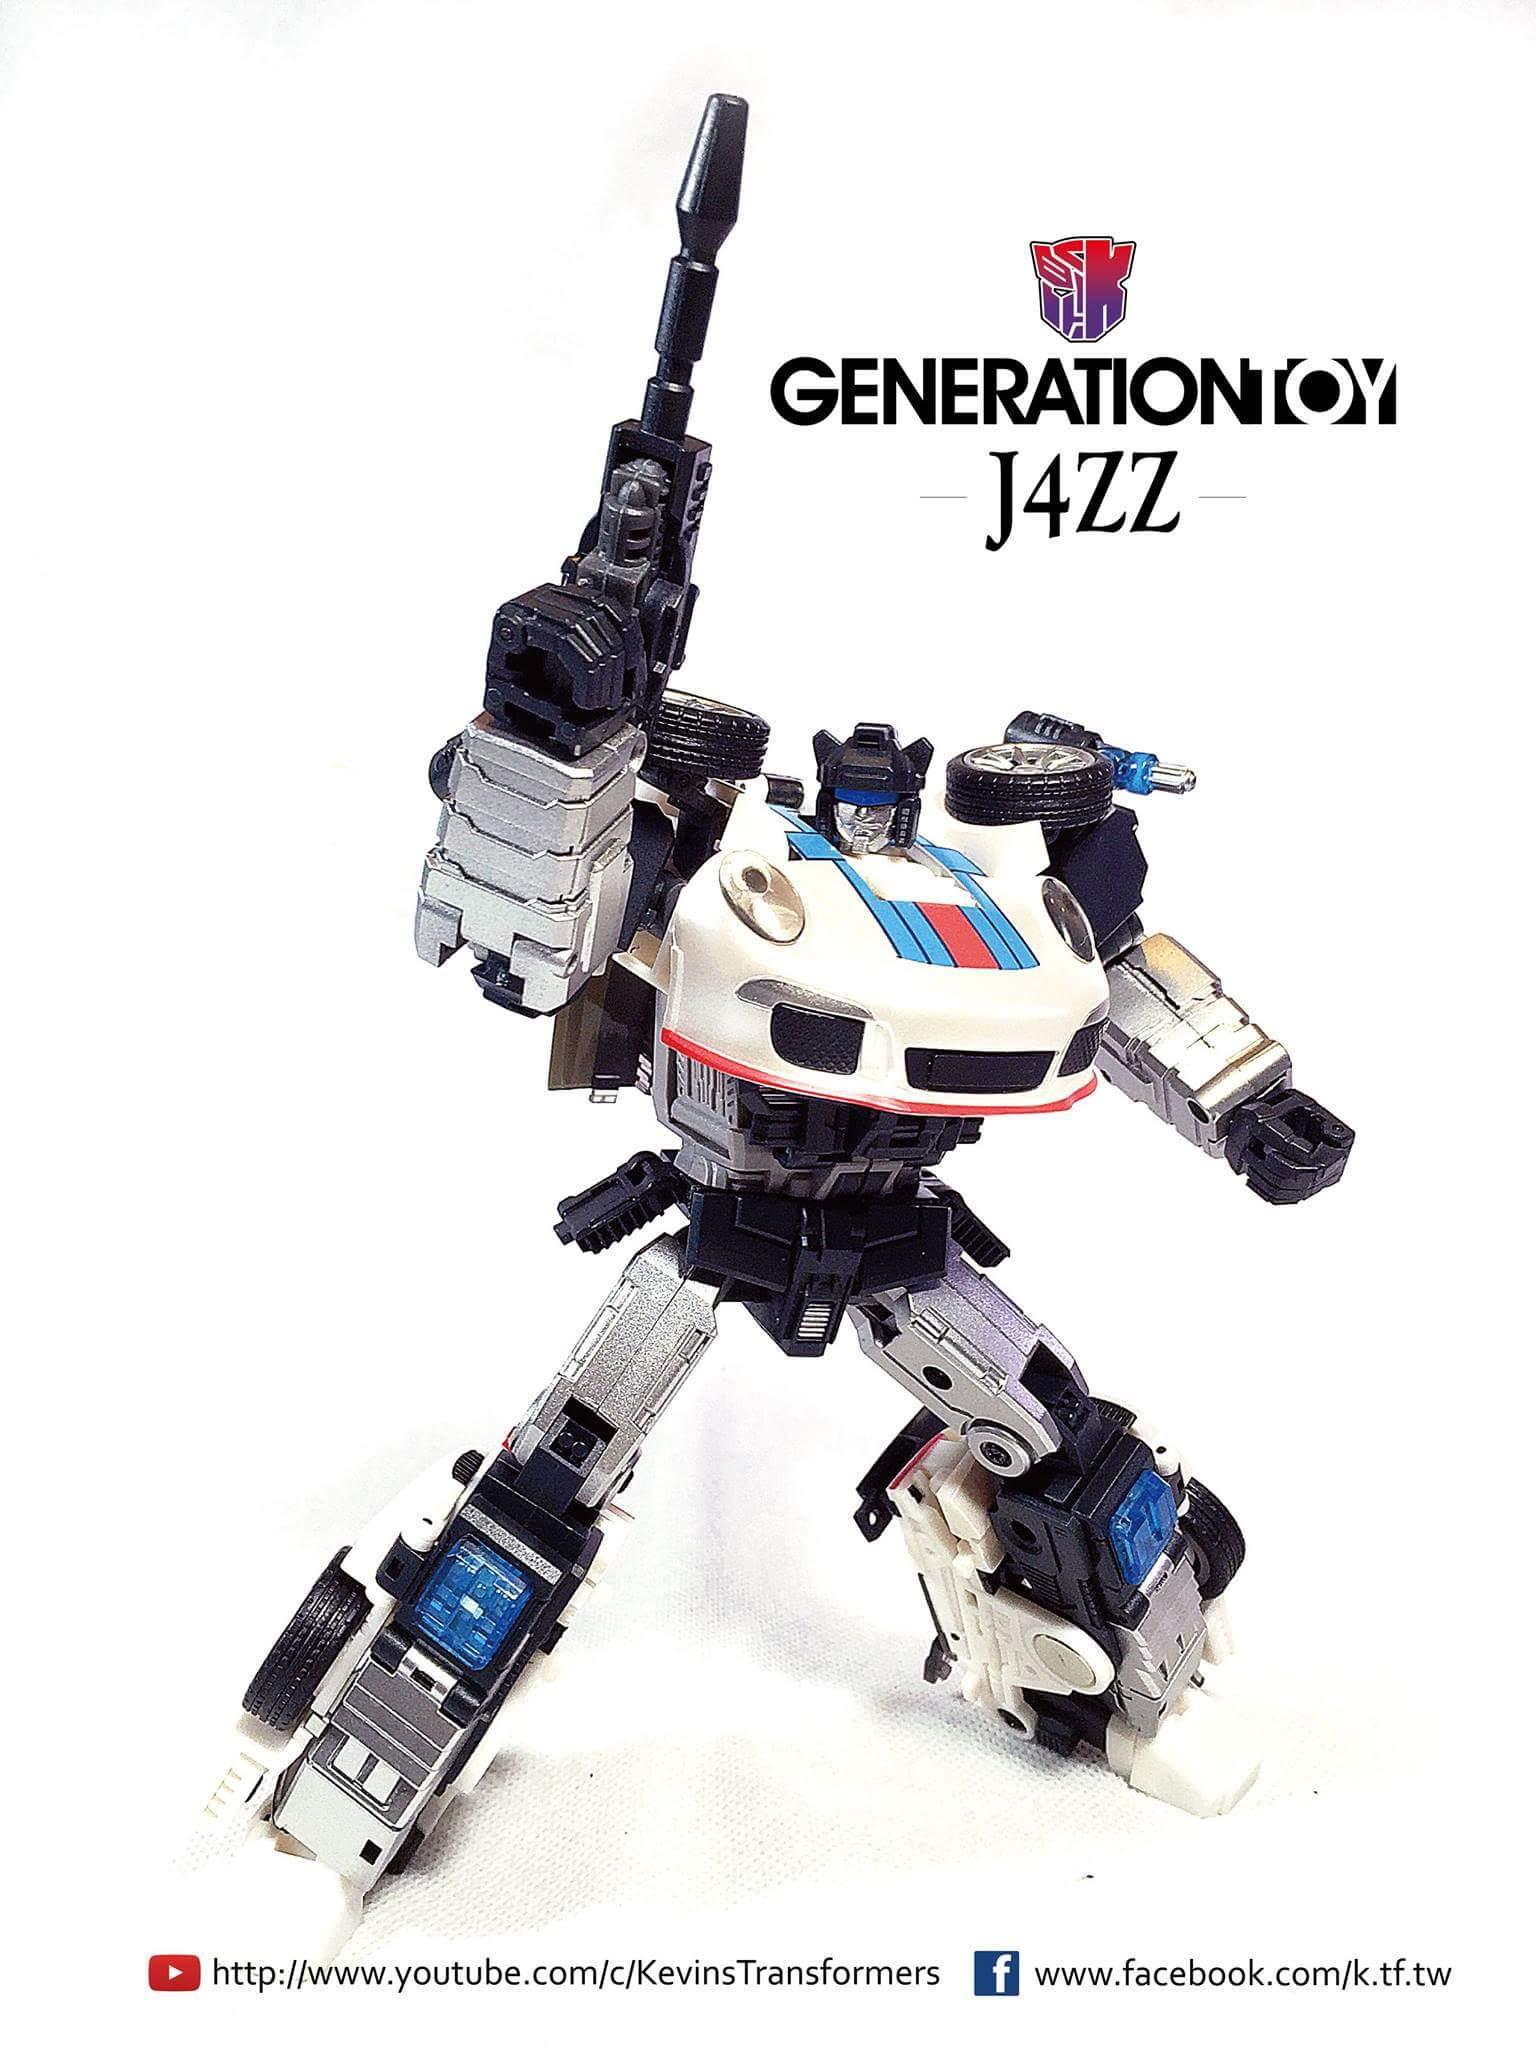 [Generation Toy] Produit Tiers - Jouets TF de la Gamme GT - des BD TF d'IDW - Page 2 8Vfhftzq